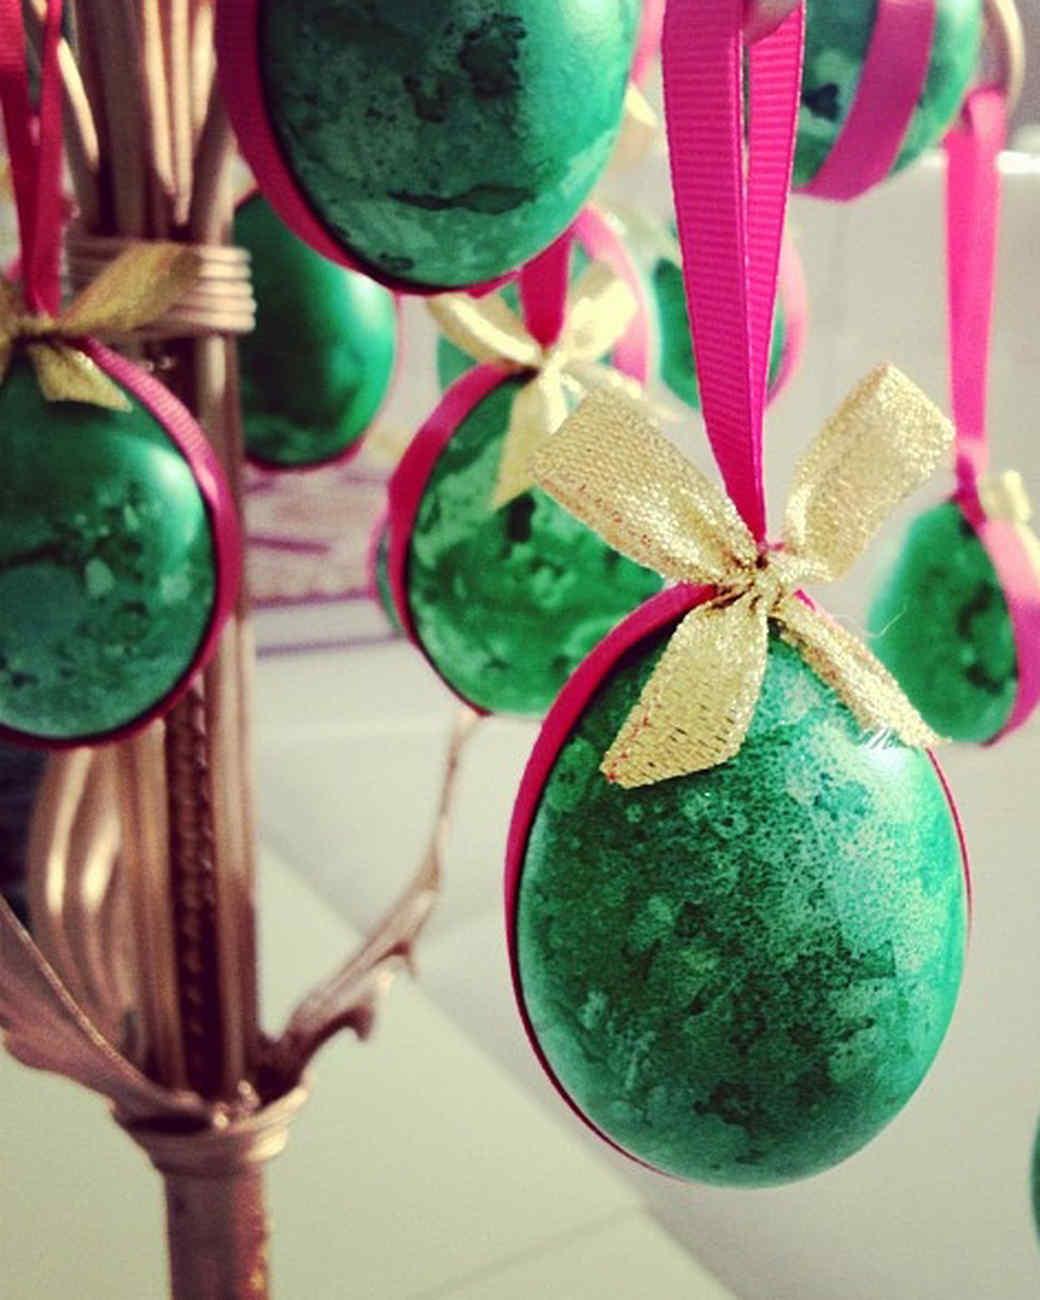 marthas-egg-hunt-fijie_crafts-0414.jpg